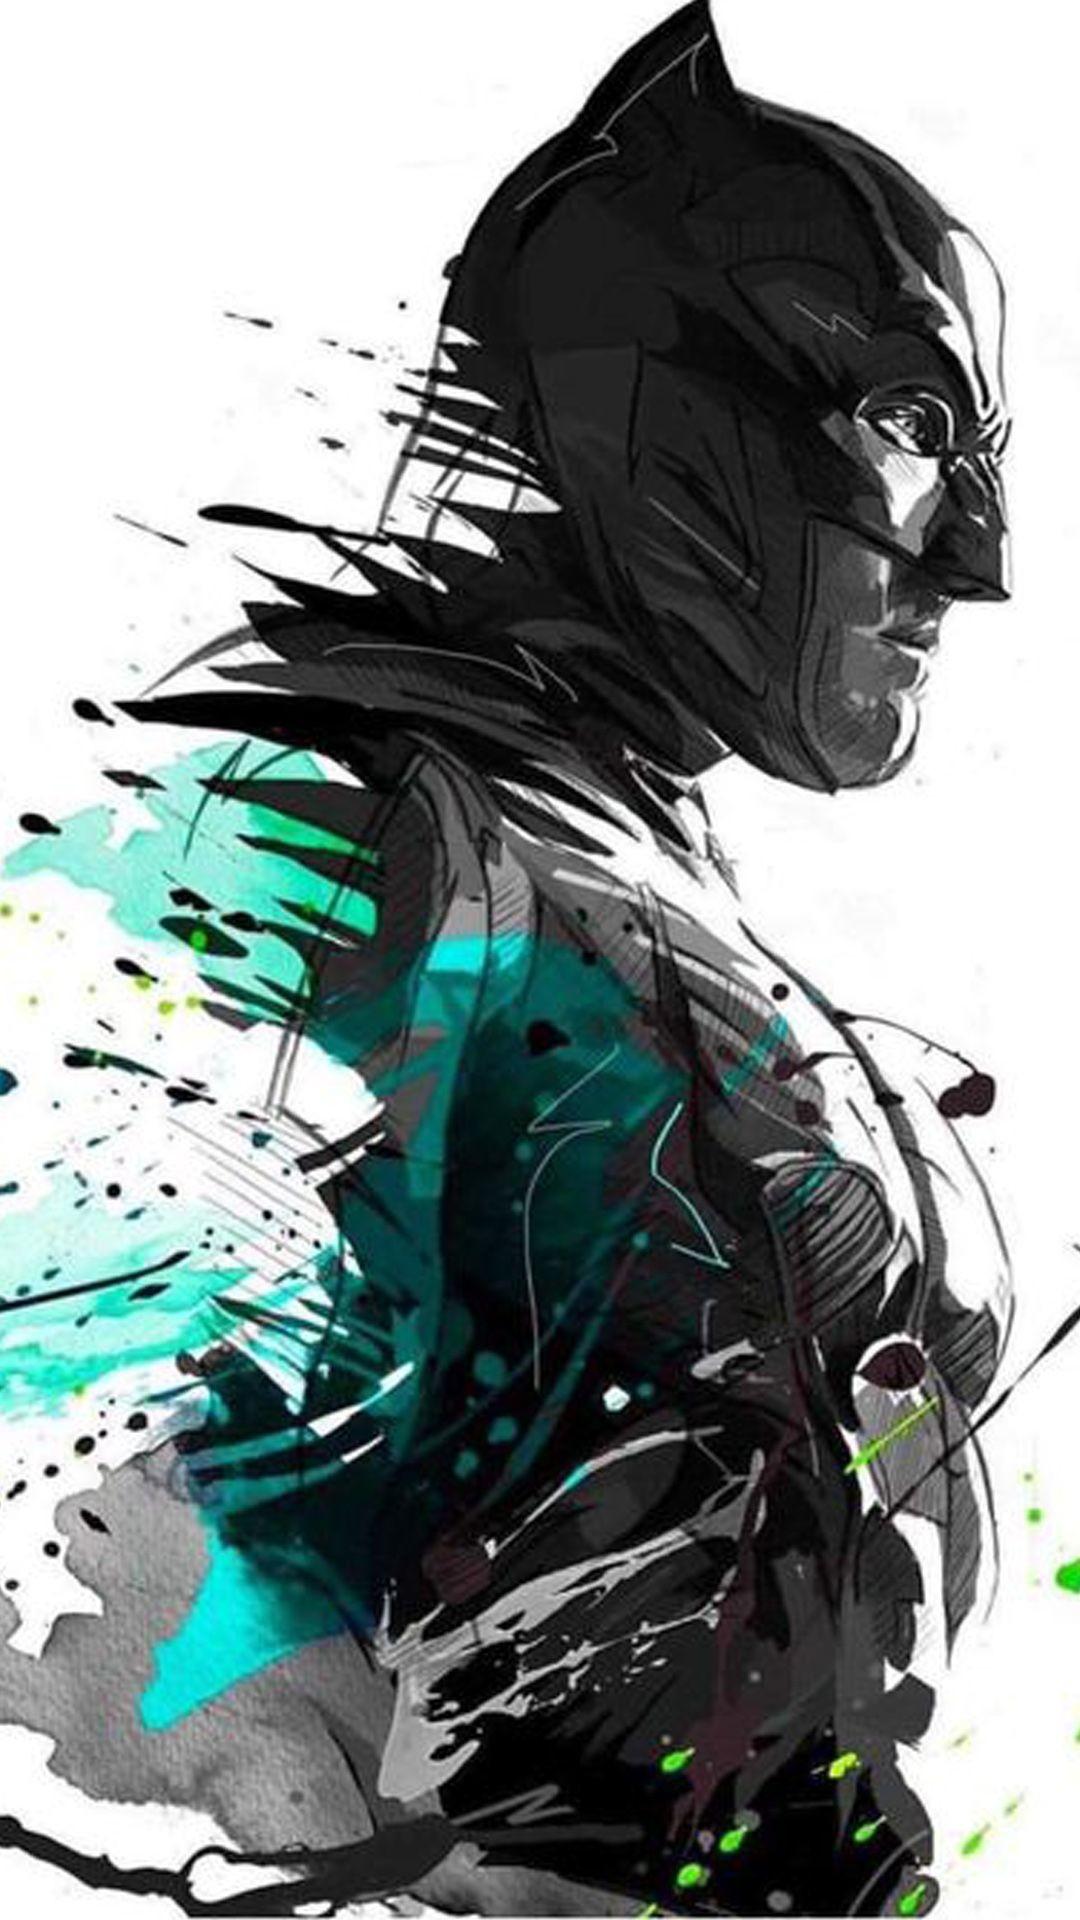 Res: 1080x1920, Cool Batman hd wallpapers 1080p